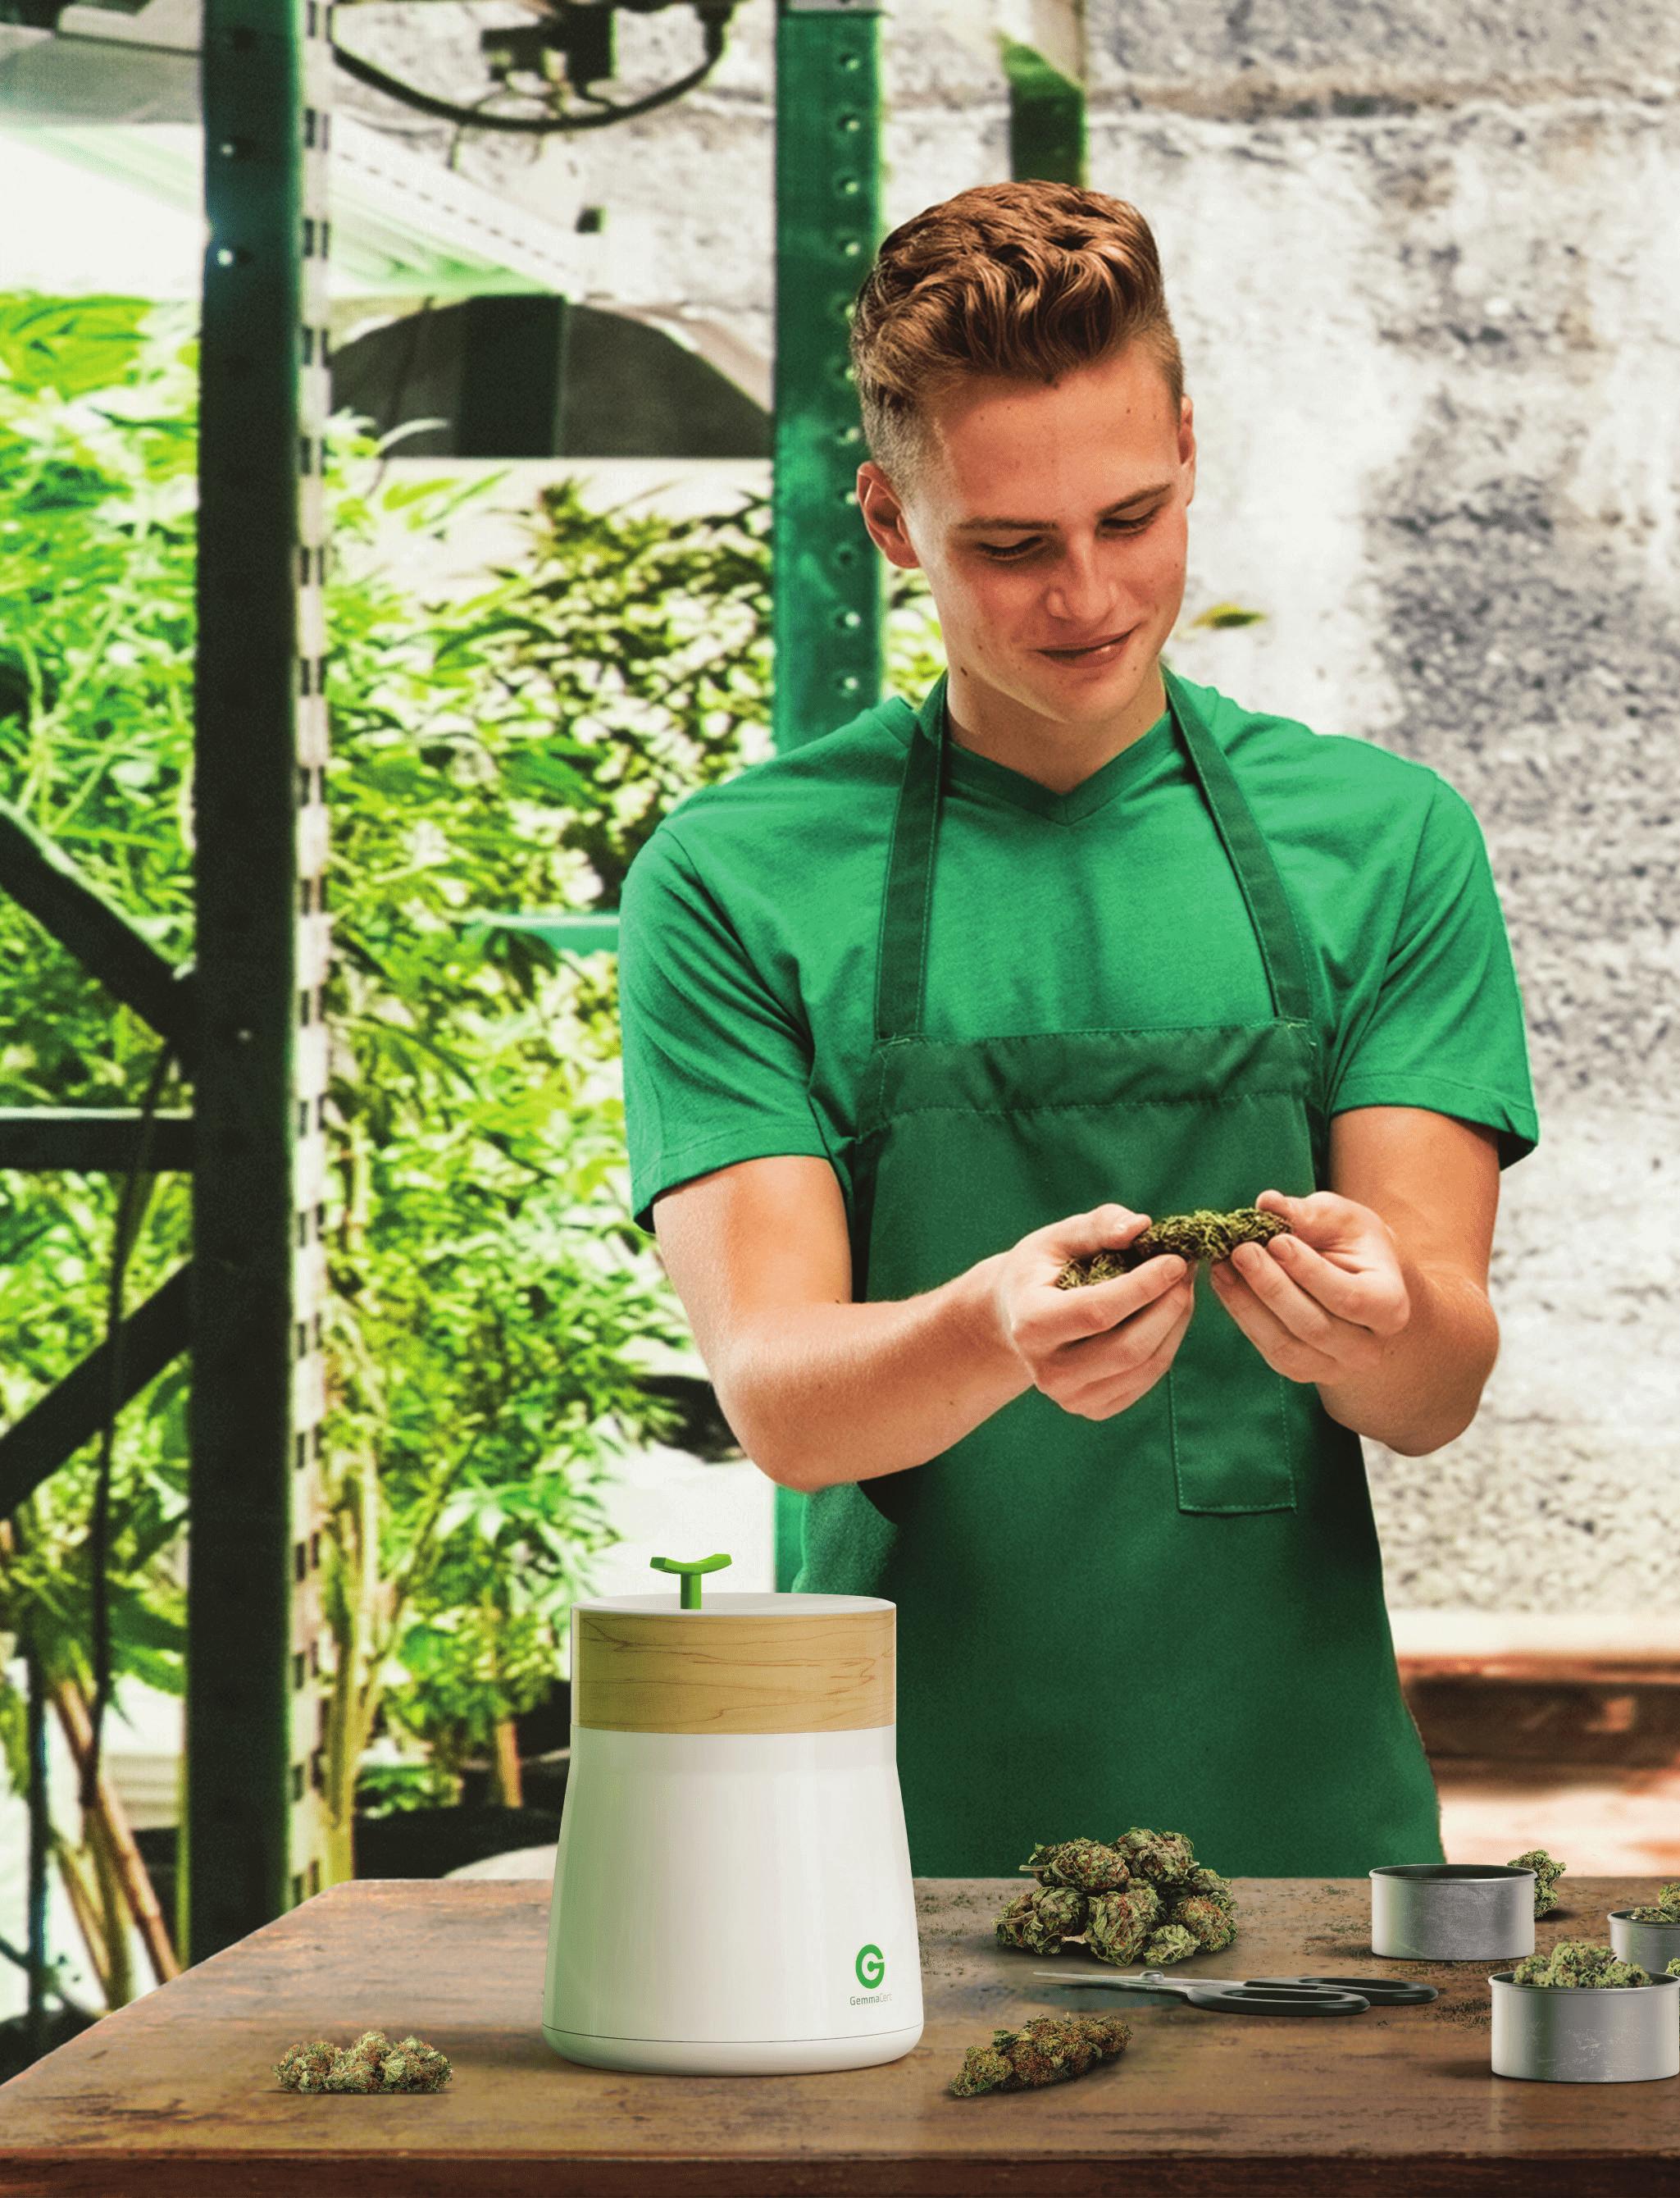 Проверить качество марихуаны с помощью новой технологии GemmaCert